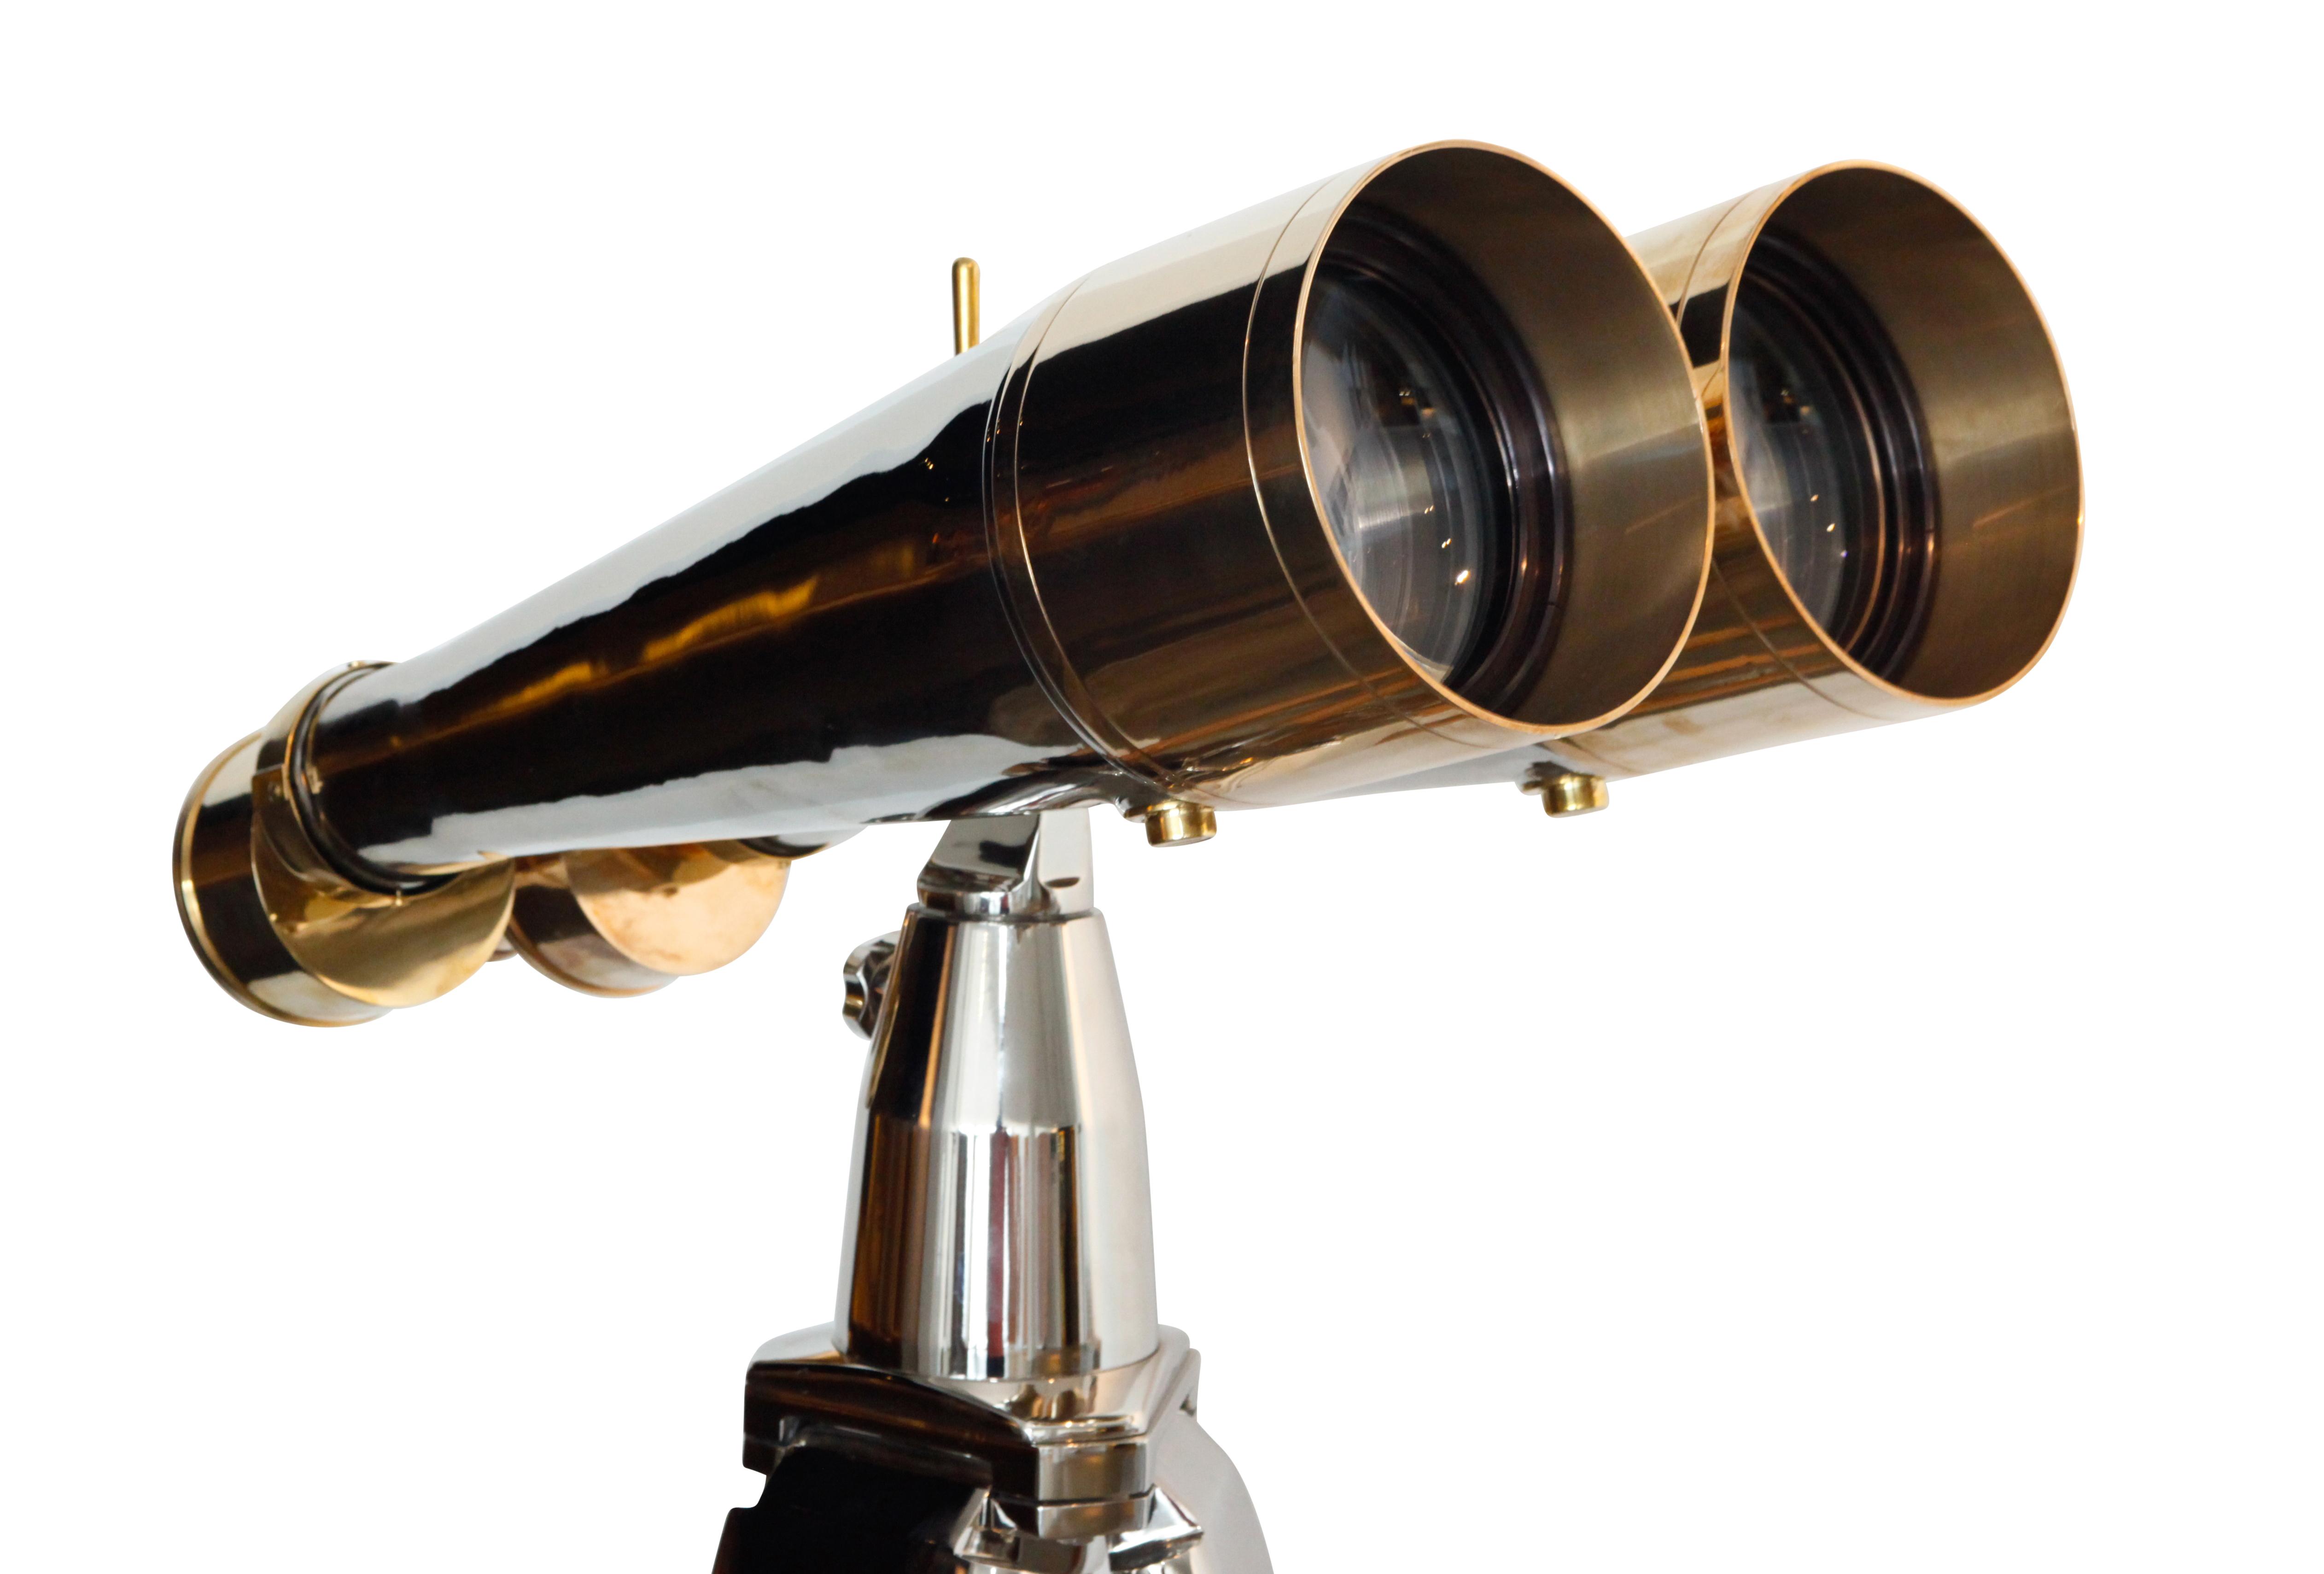 20x120mm-0deg - bigeye binocular